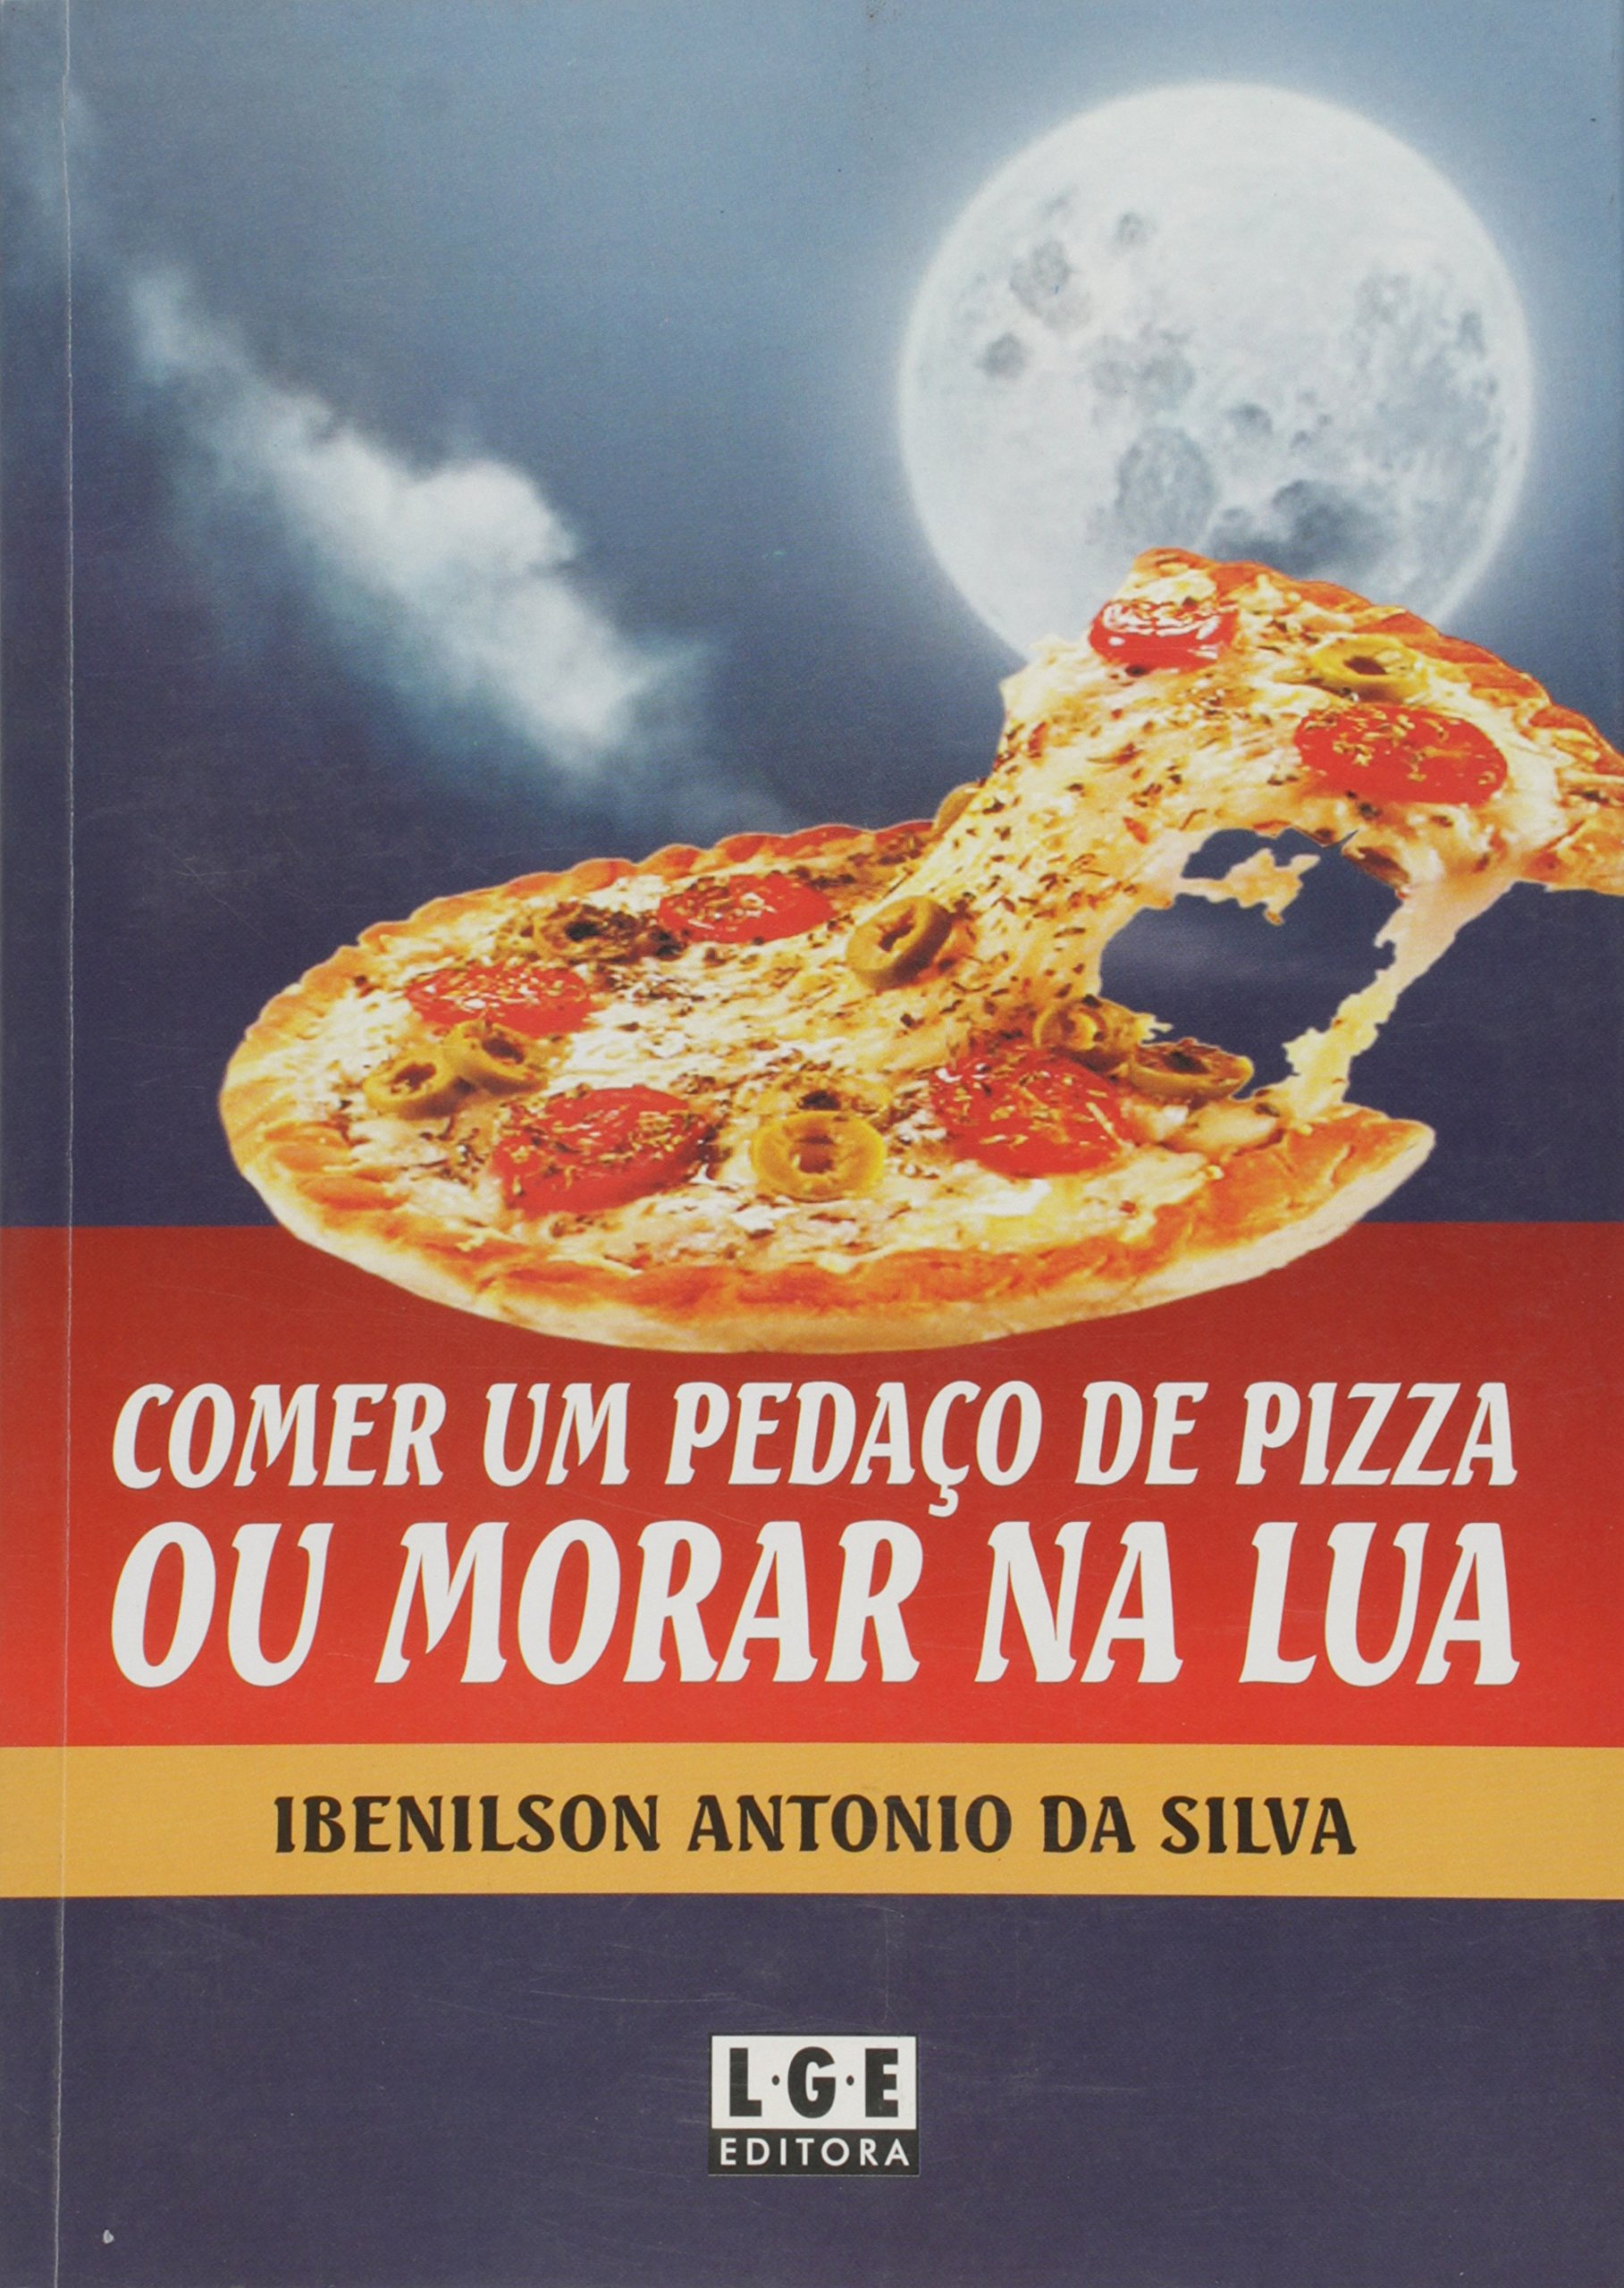 Antonio Da Silva Full Movie